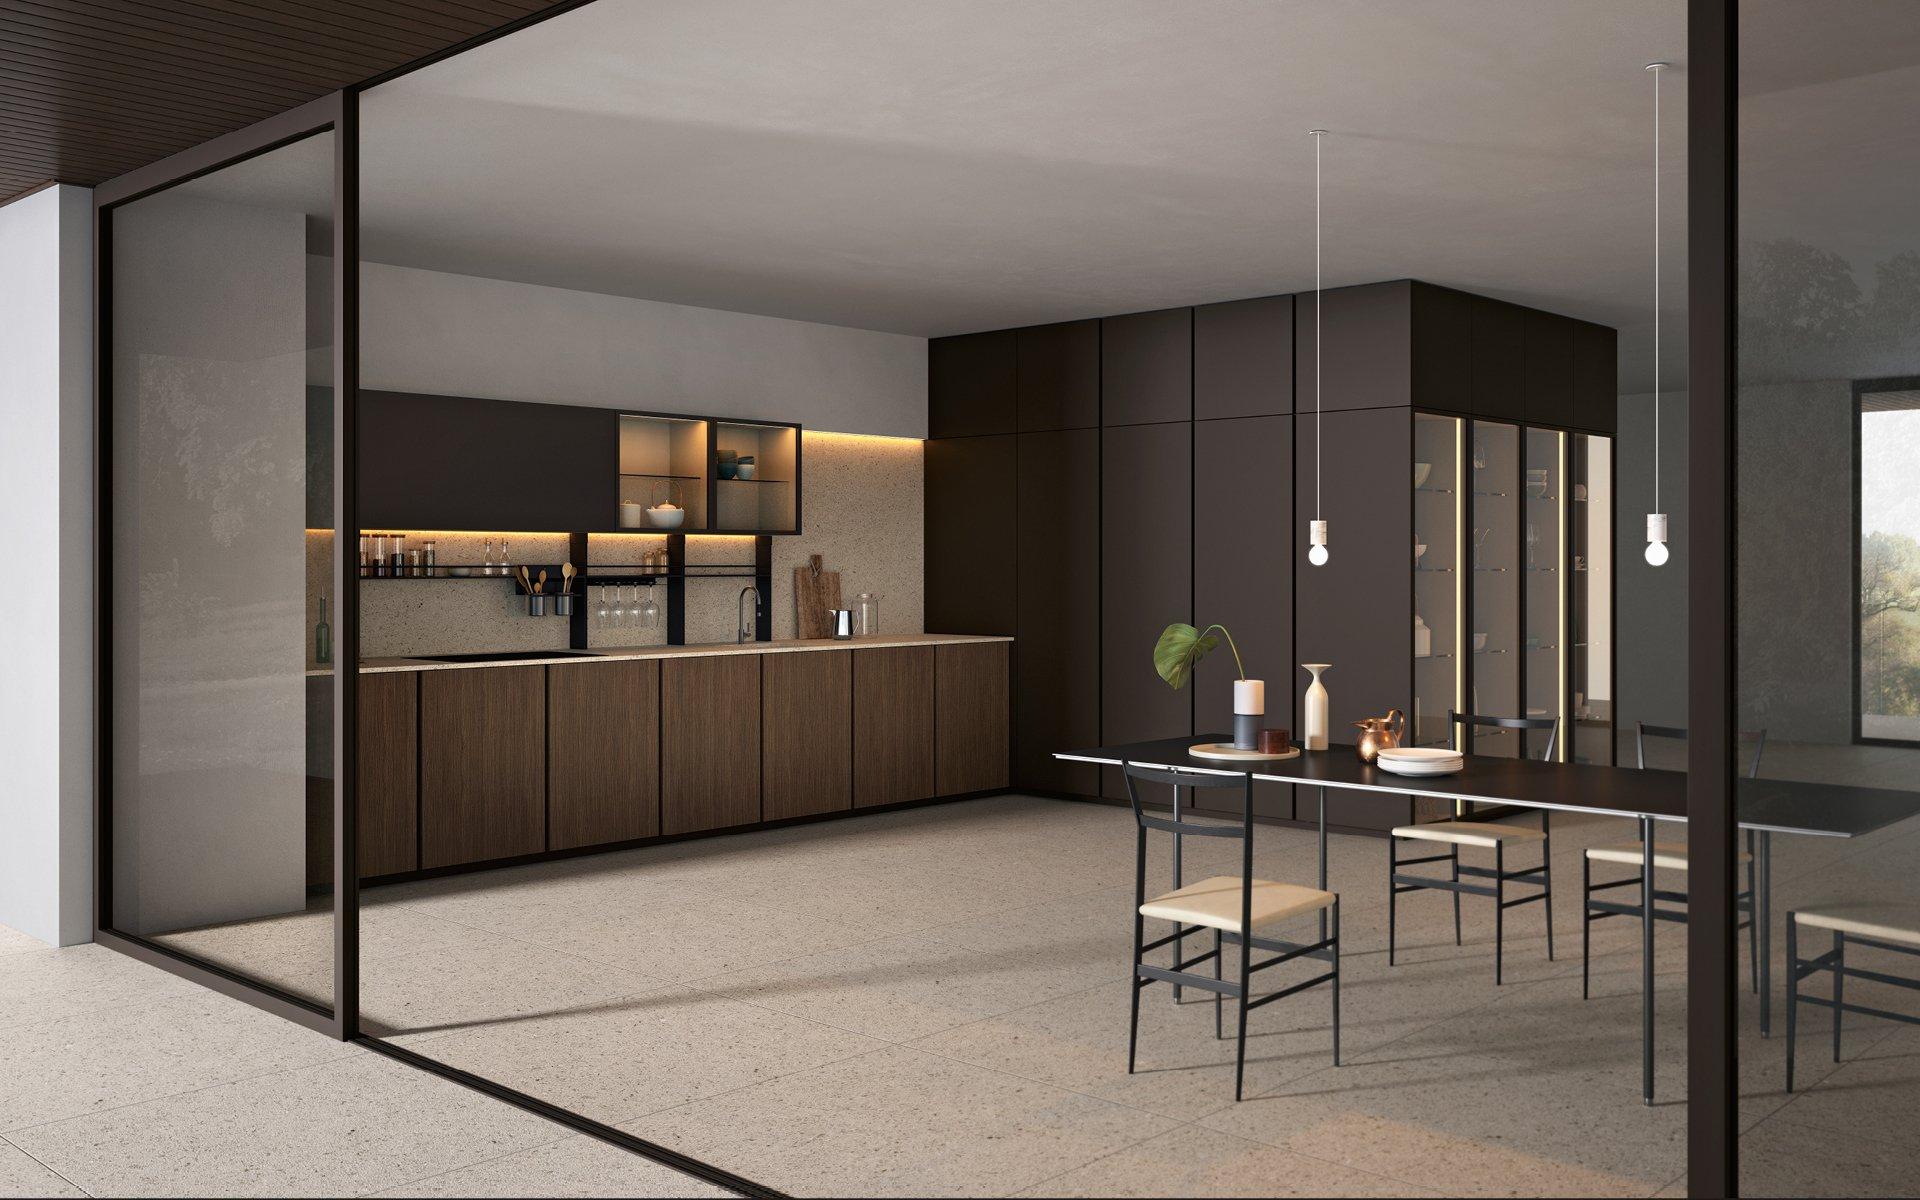 Arredamento cucine vendita cucine cagliari quartu for Casa tua arredamenti